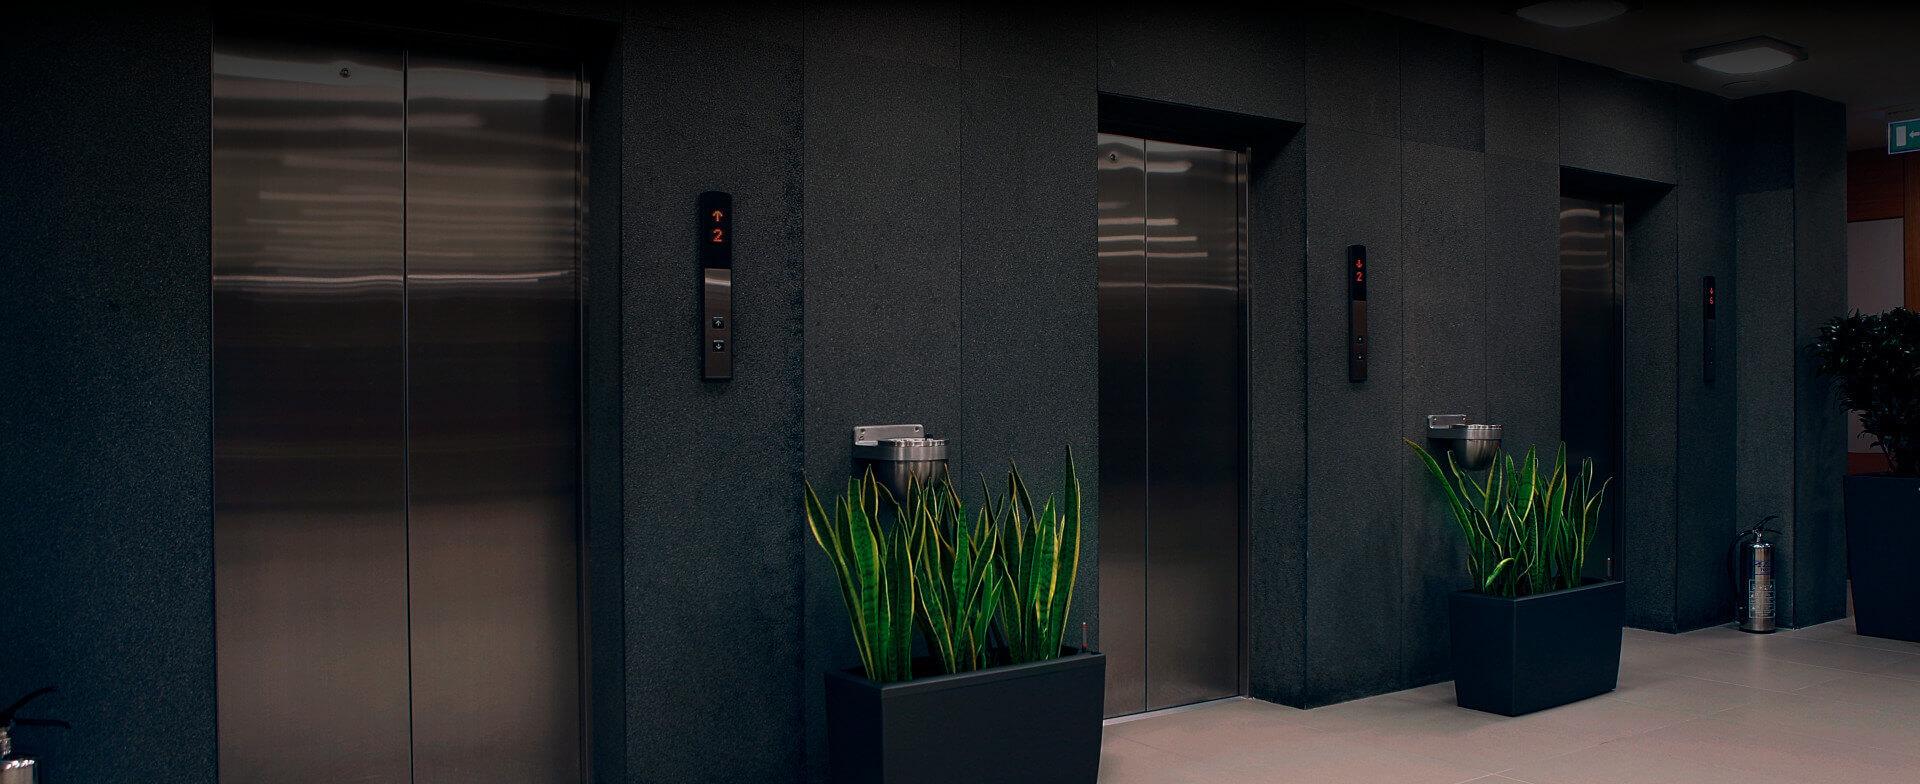 خرید سنسور چشمی آسانسور